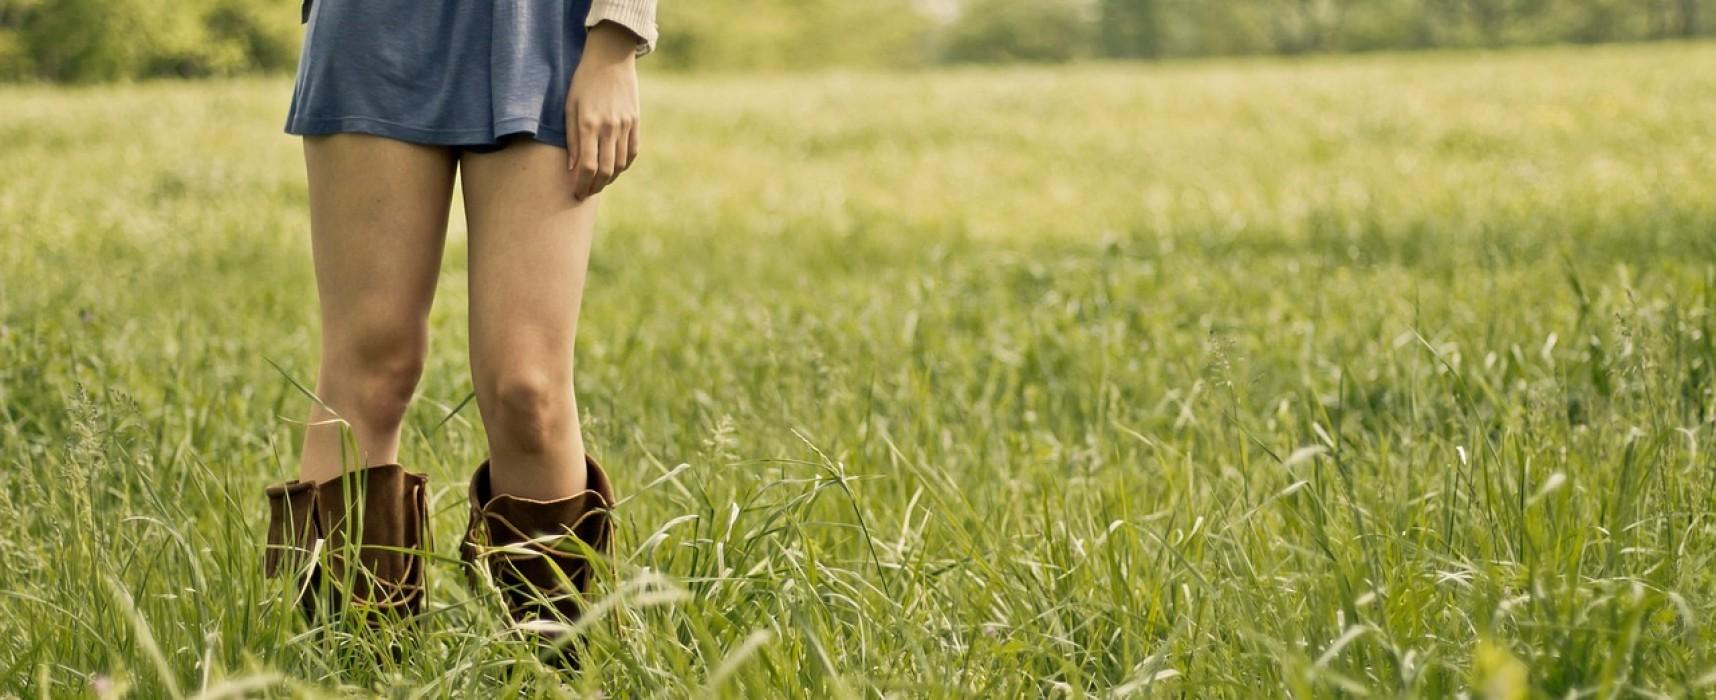 Focus Tematico su Fare Impresa in agricoltura del progetto Giovanisì della Regione Toscana ad Arezzo